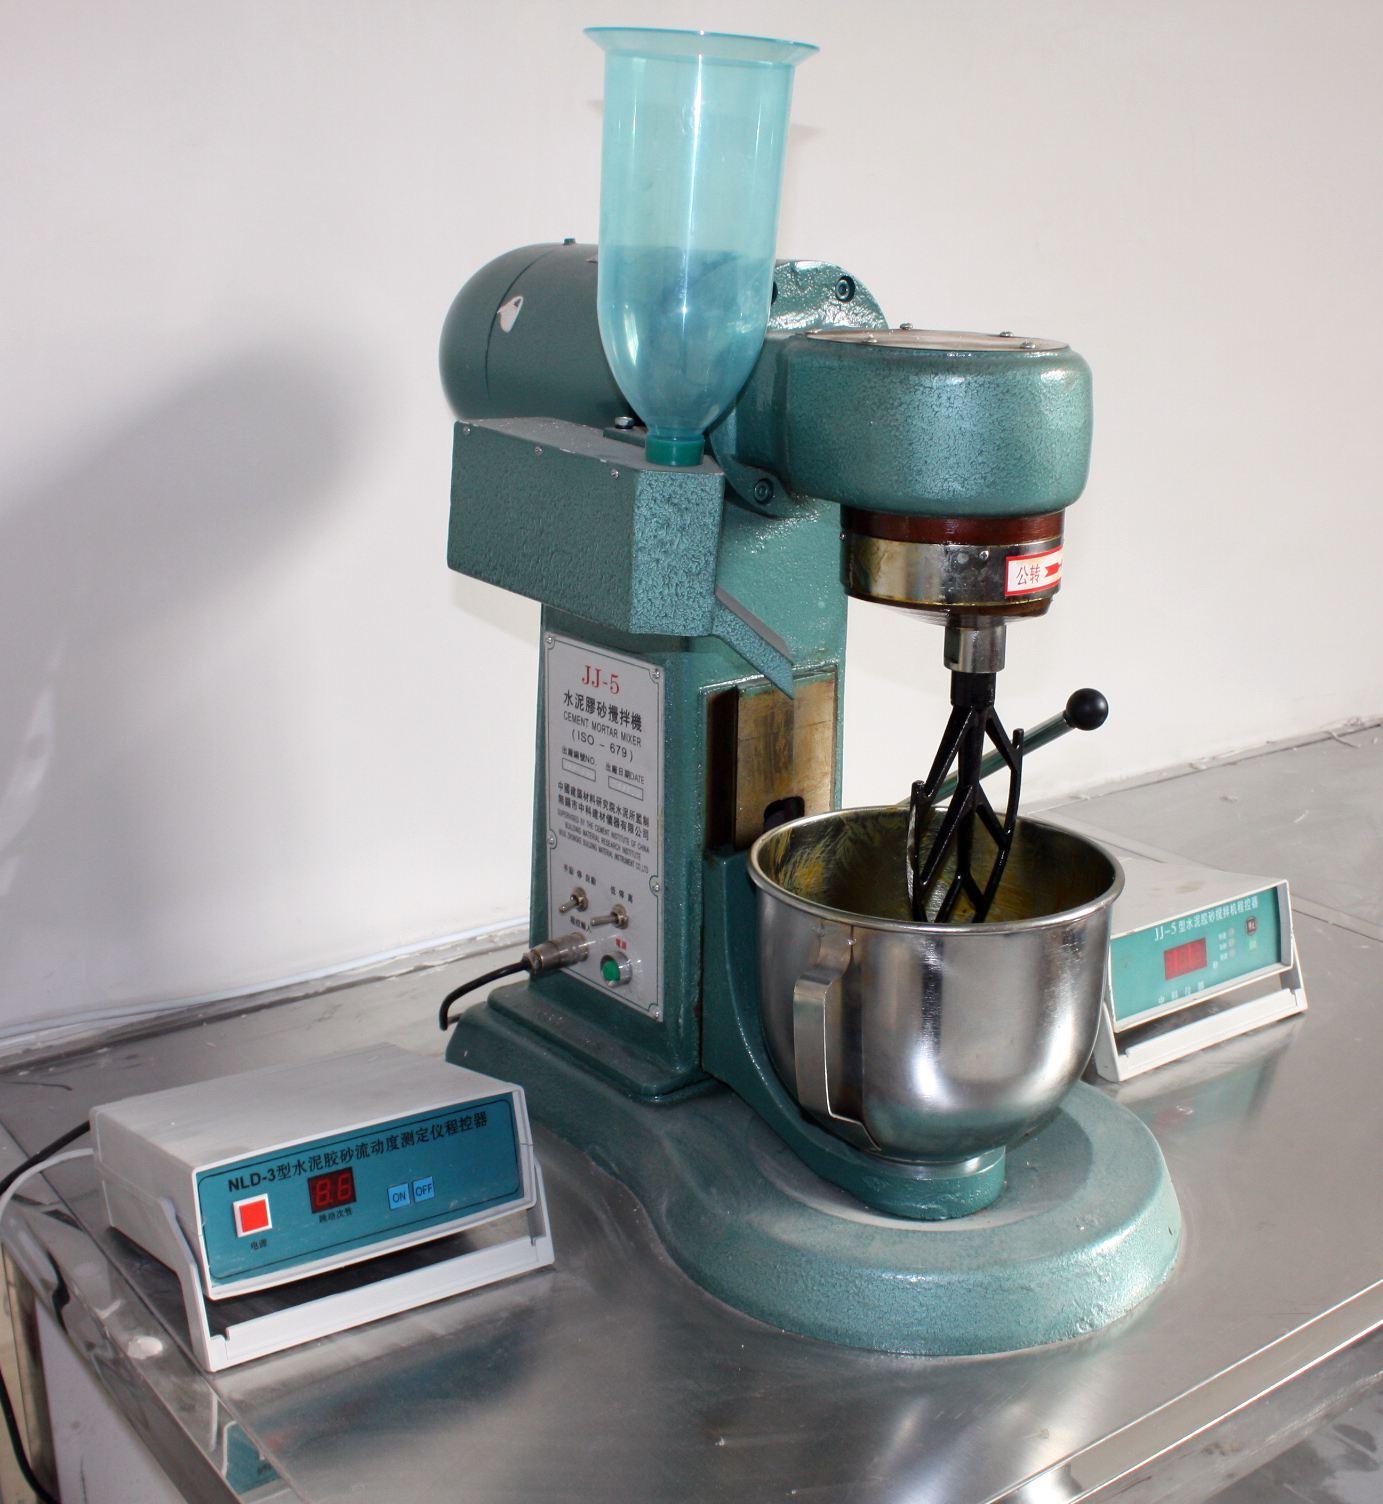 nj-160型水泥净浆搅拌机,水泥胶砂搅拌机